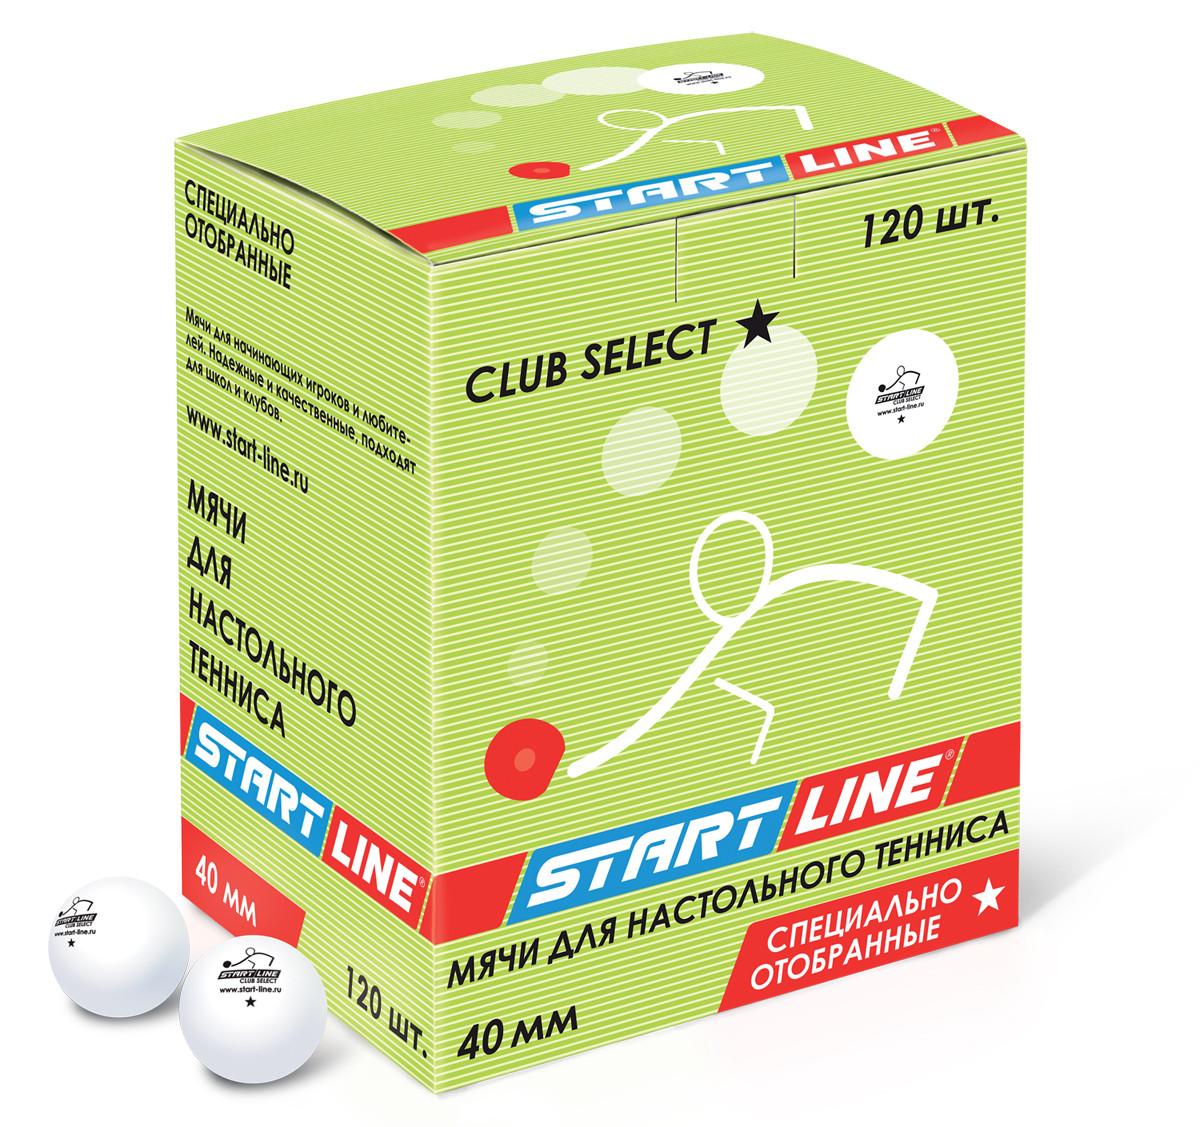 Мячи для настольного тенниса  CLUB SELECT 1*, 120 мячей в упаковке, белые